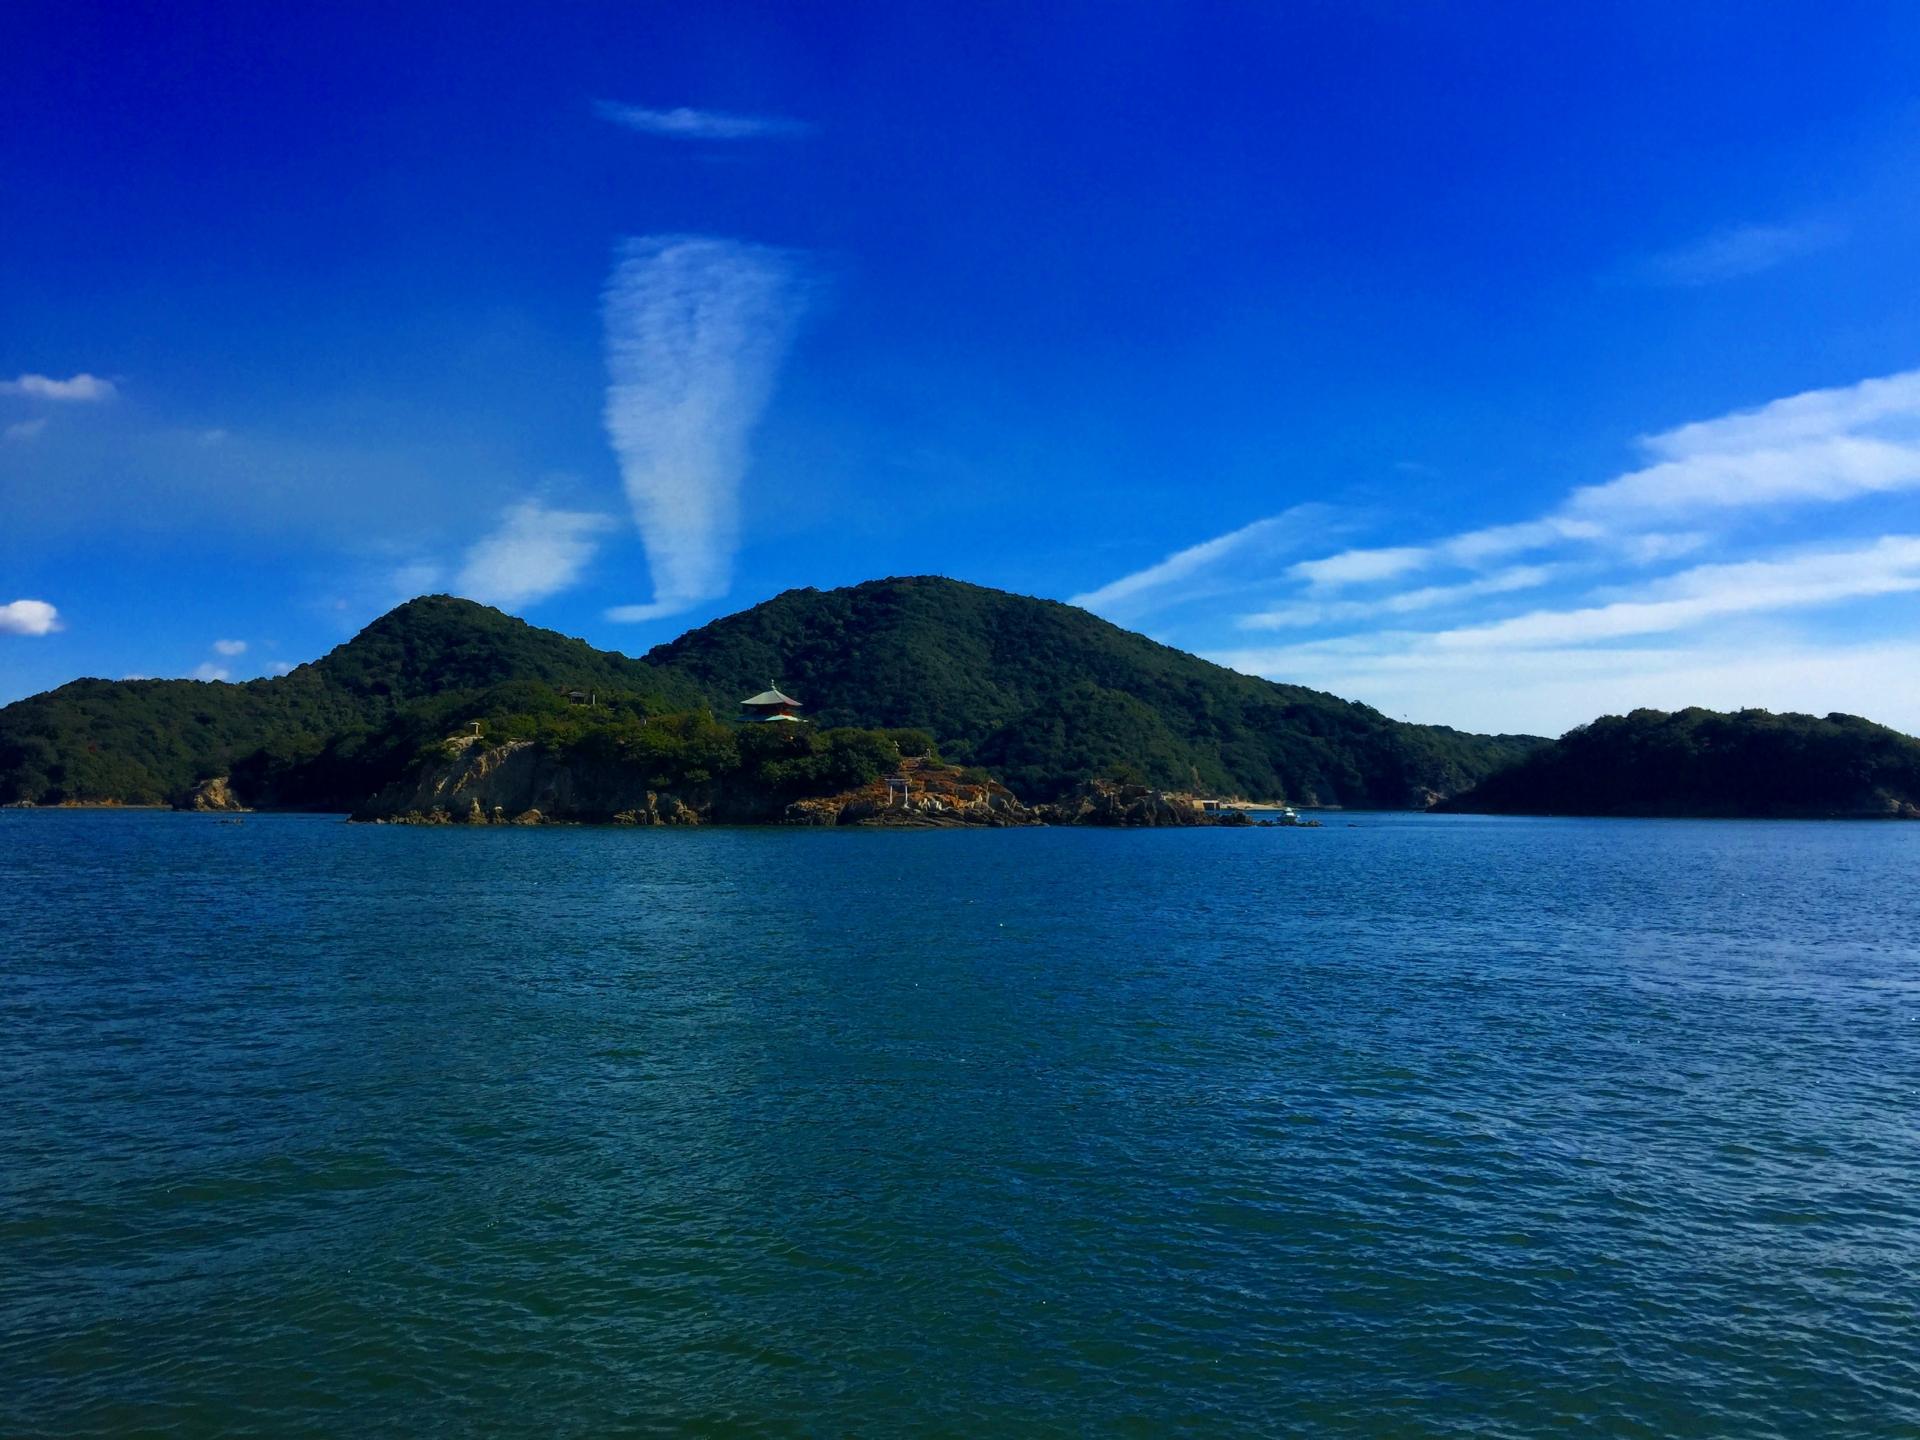 仙酔島はパワースポットと話題の観光地!江戸風呂などの温泉も!